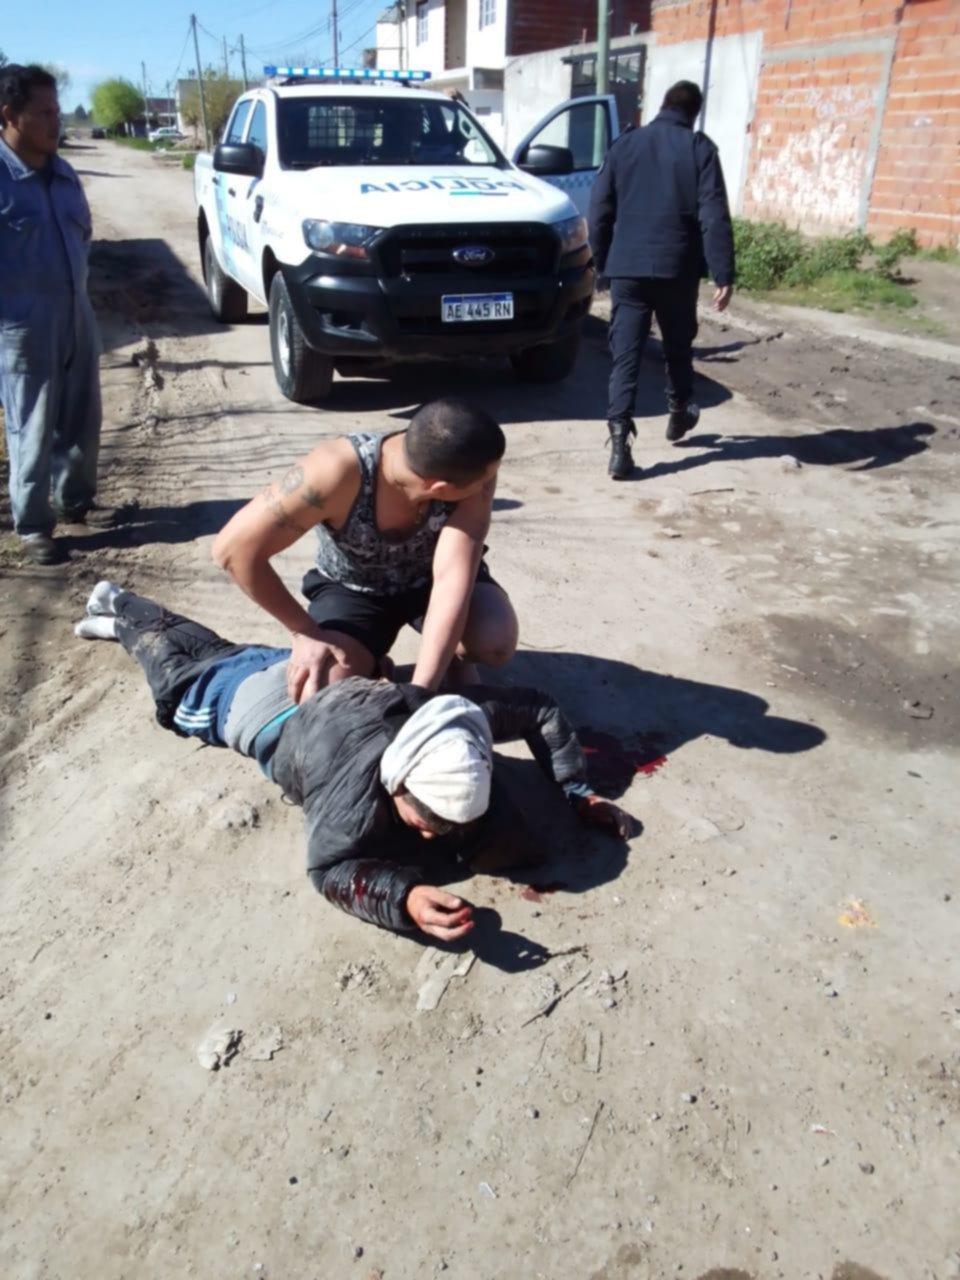 Hartos de la inseguridad, golpearon a un ladrón en Romero y lo ataron con alambre